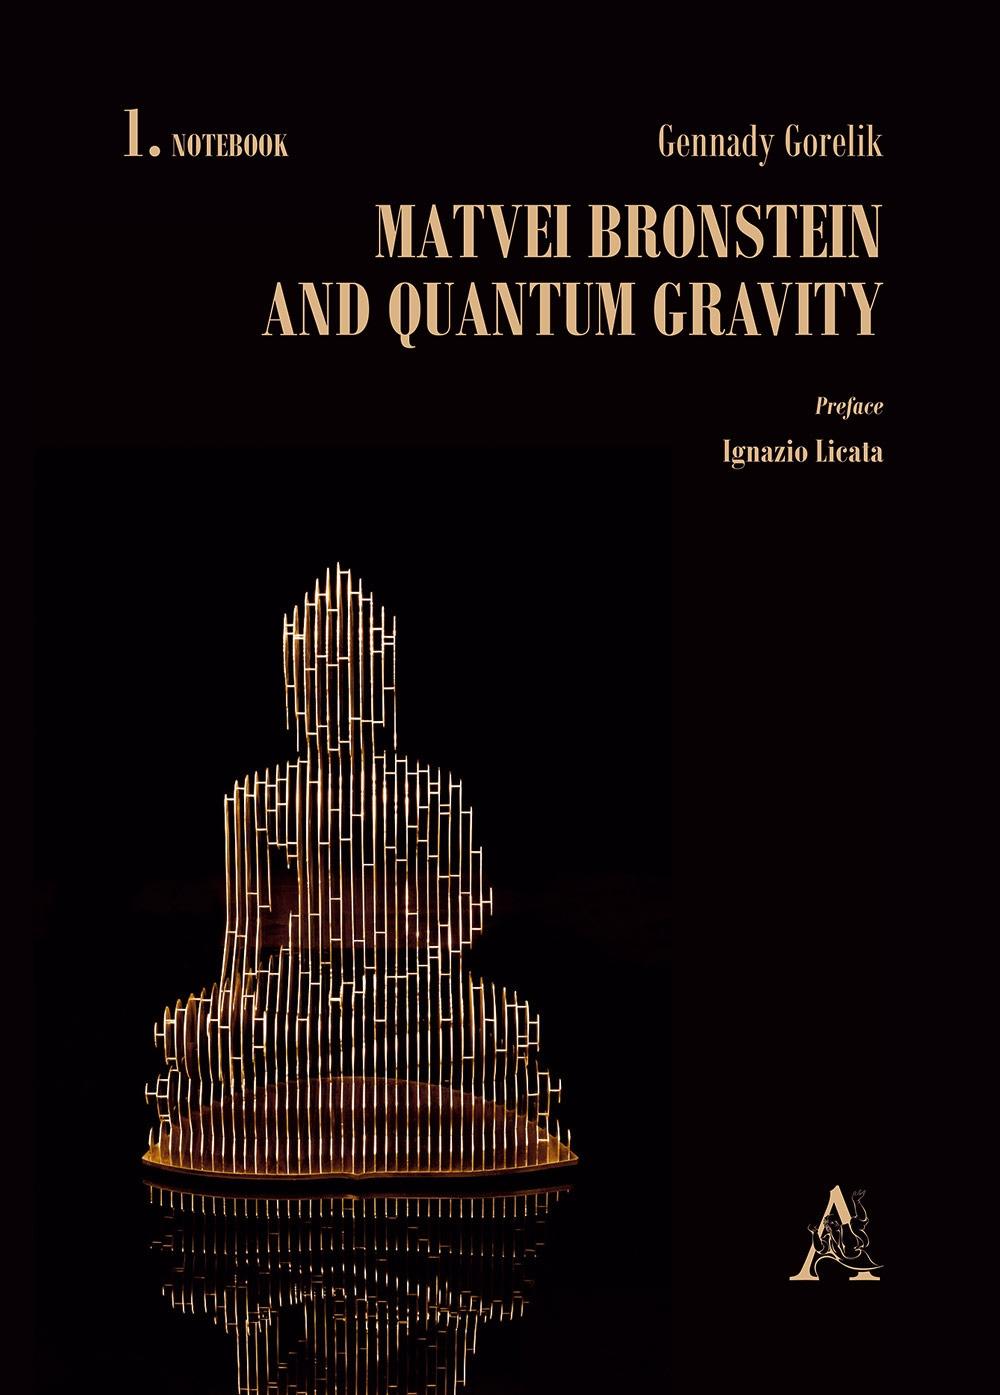 Matvei Bronstein and quantum gravity